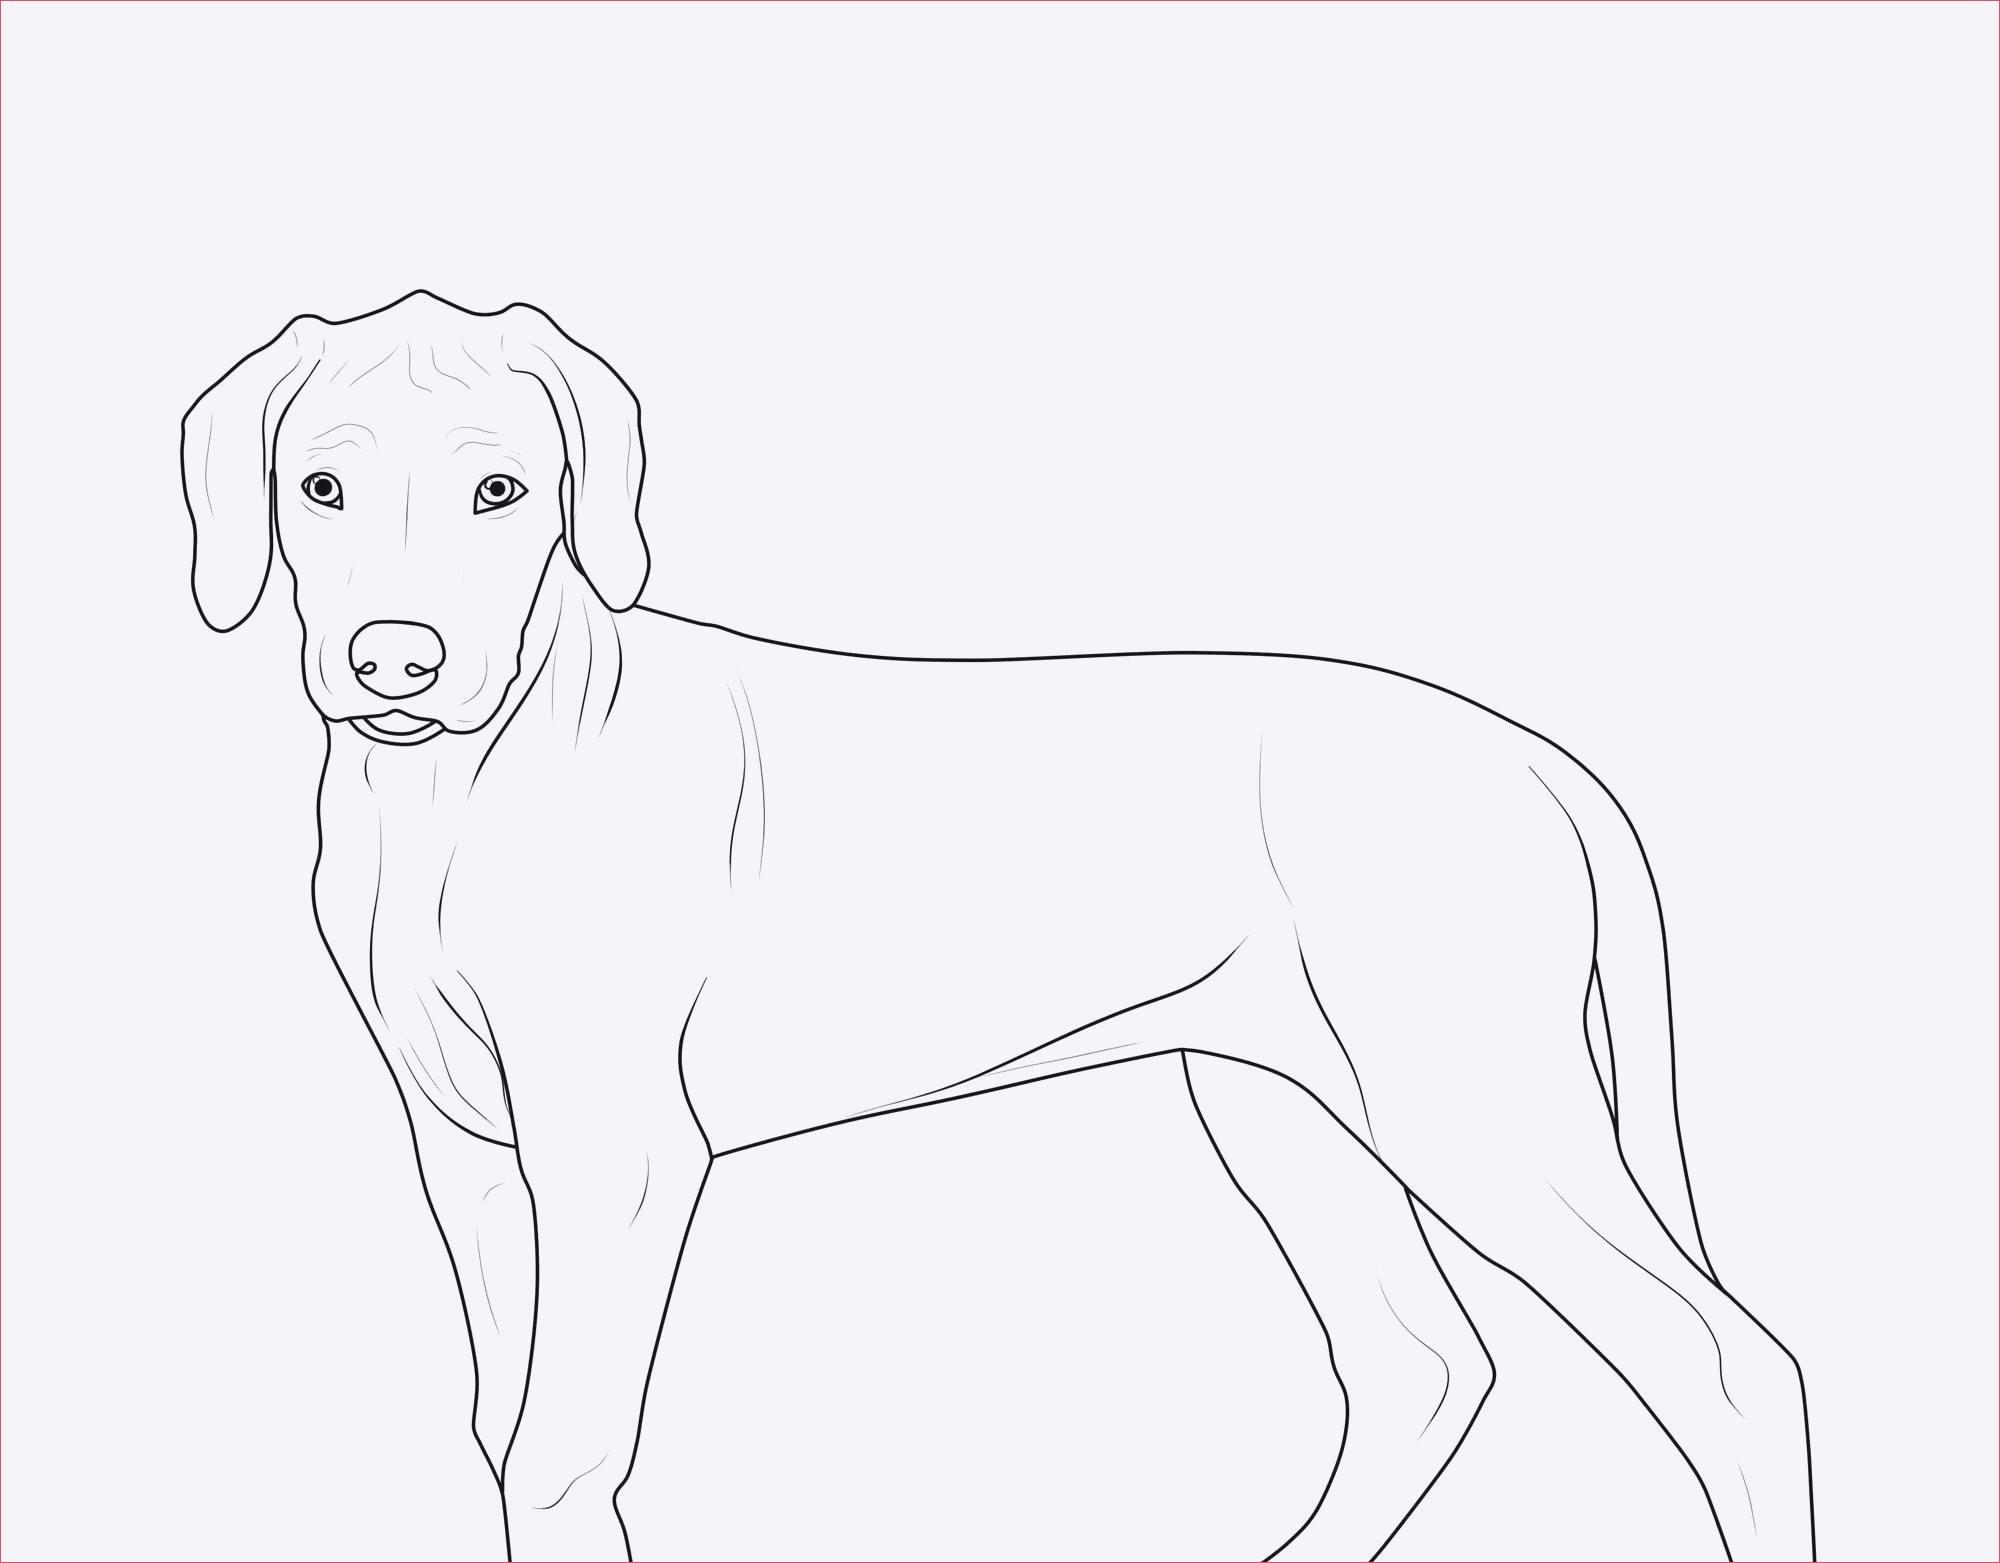 Ausmalbilder Zum Ausdrucken Hunde Einzigartig Malvorlagen Hunde Gratis Sammlung